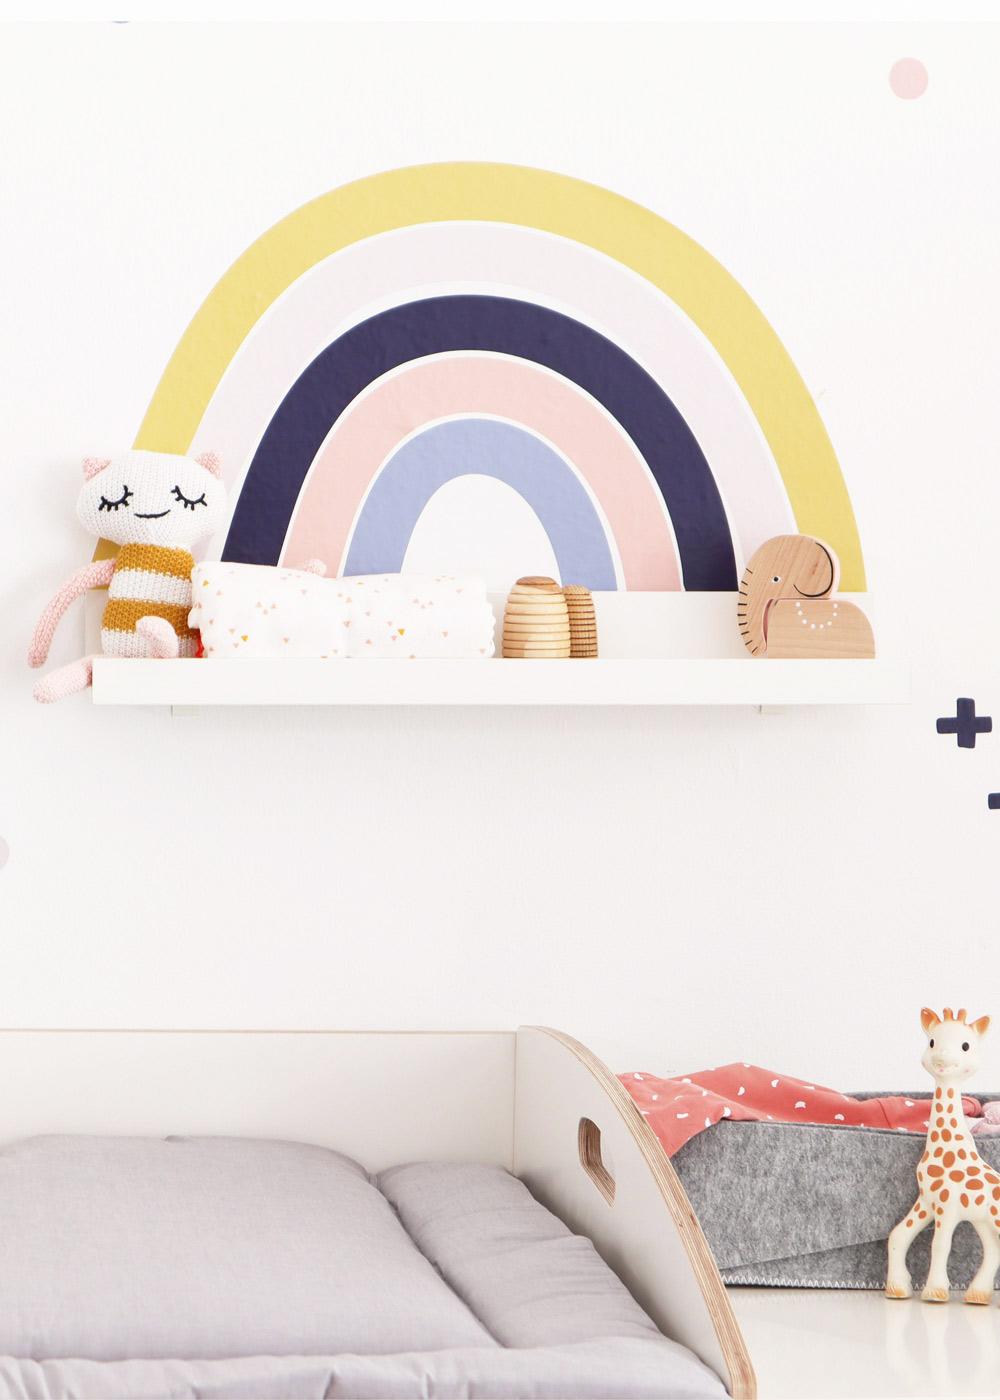 Ikea Mosslanda Bilderleiste Vielfalt Regenbogen Senf hellrosa Gesamtansicht